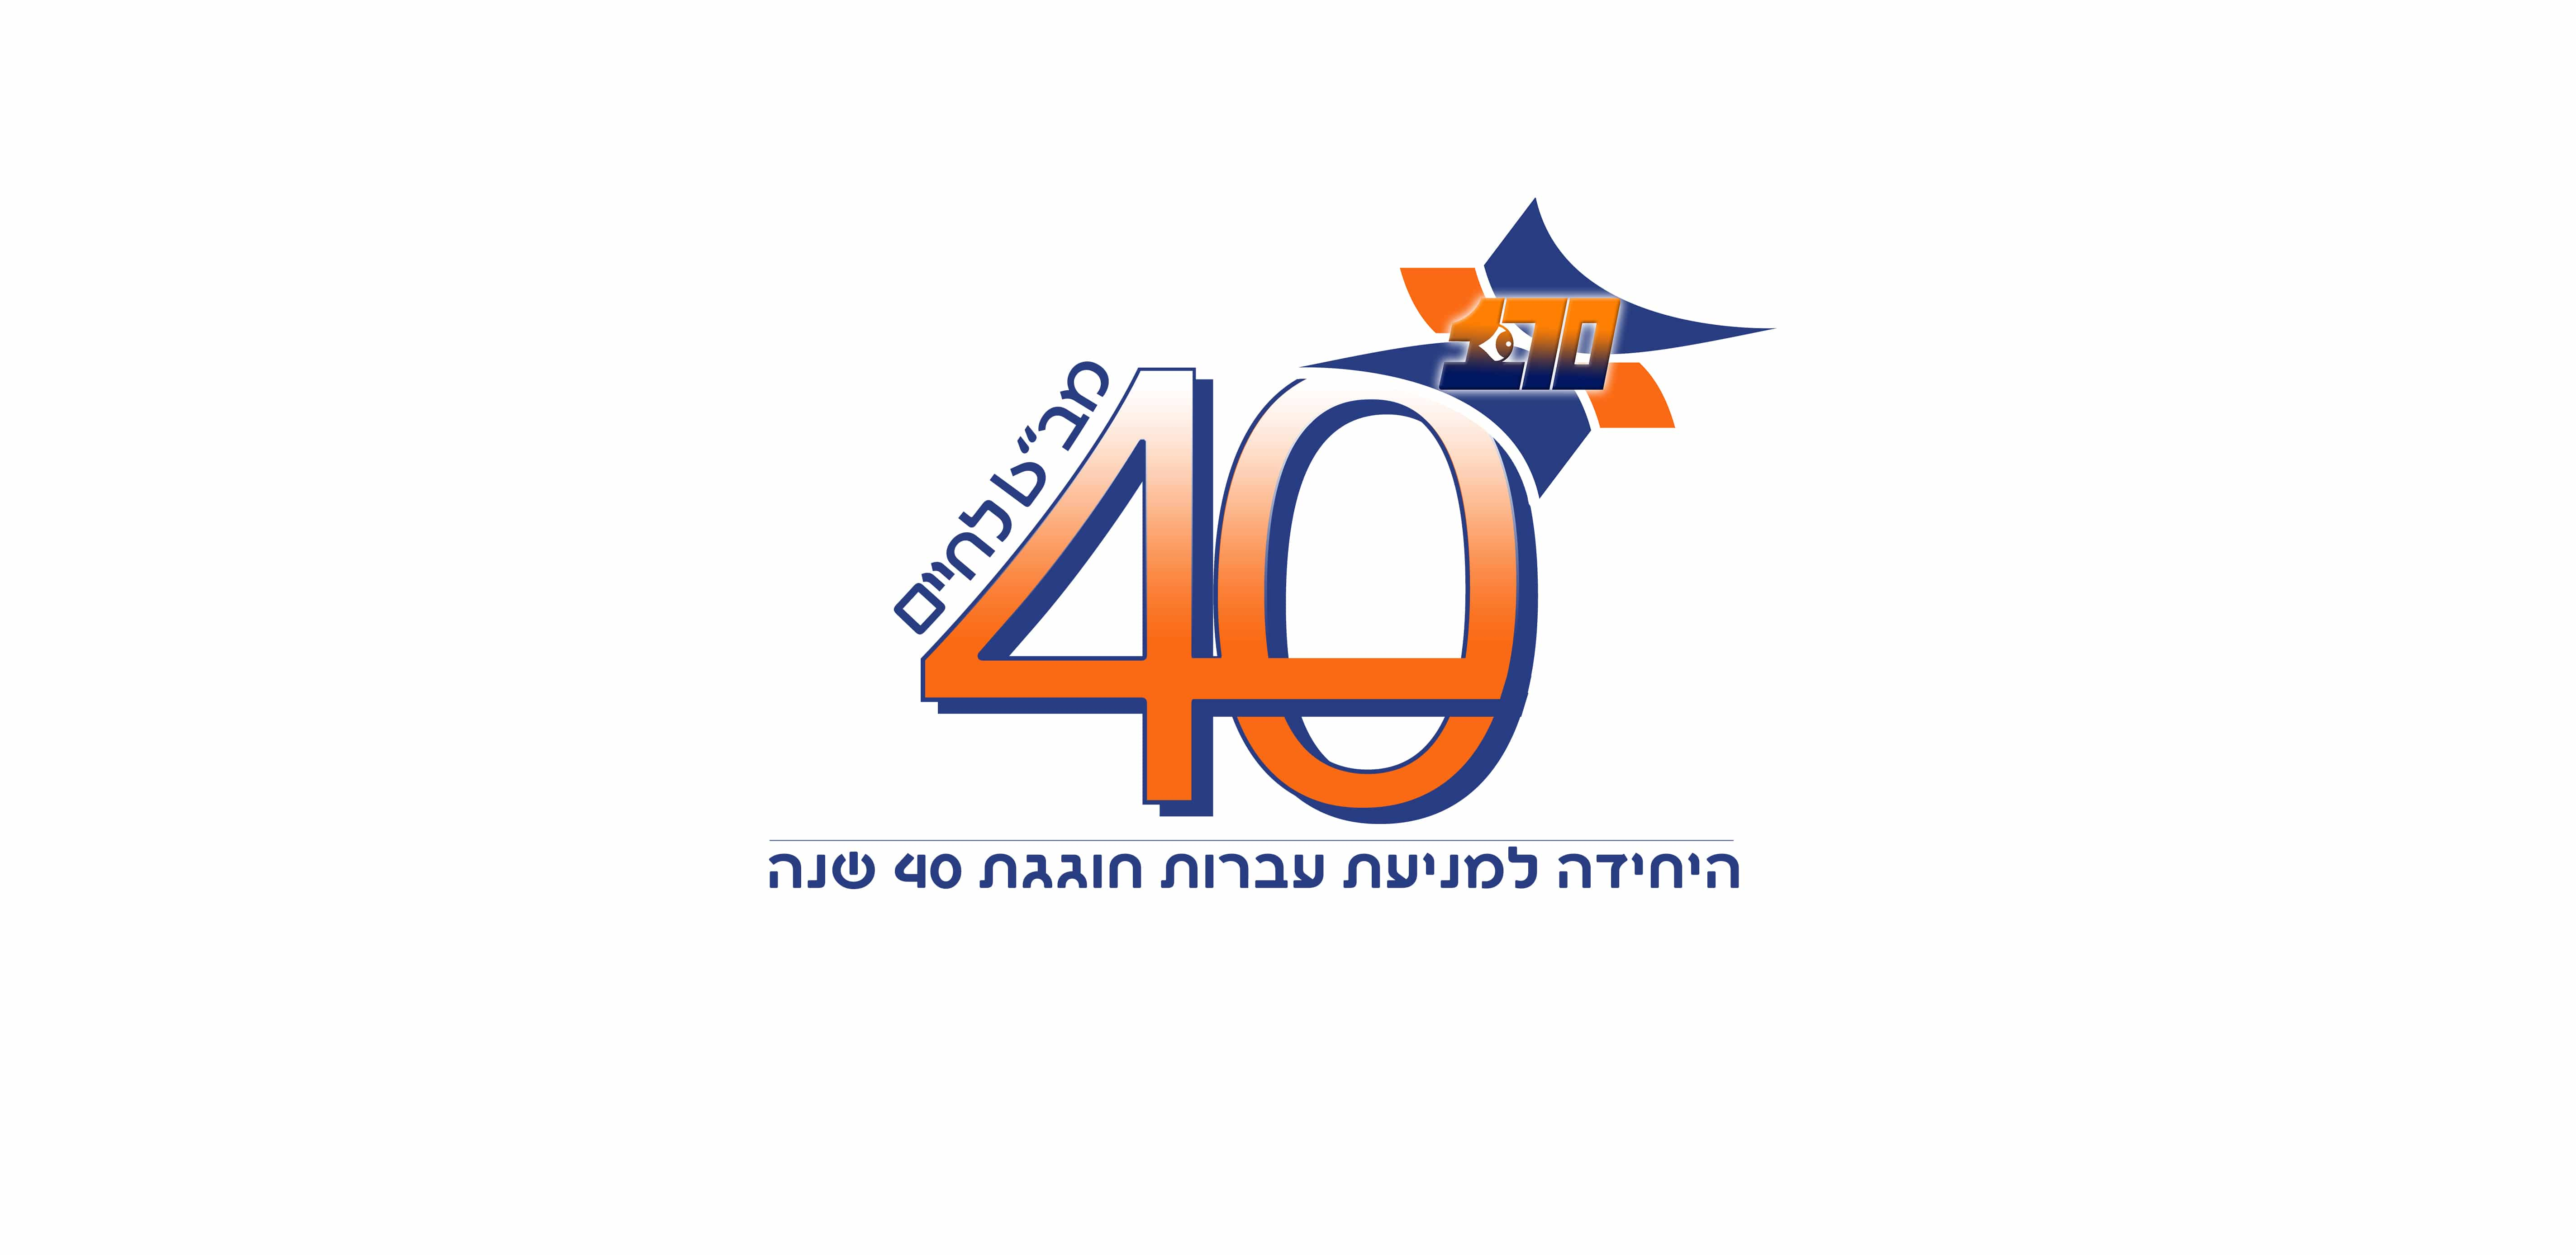 עיצוב לוגו לשדה התעופה בן גוריון